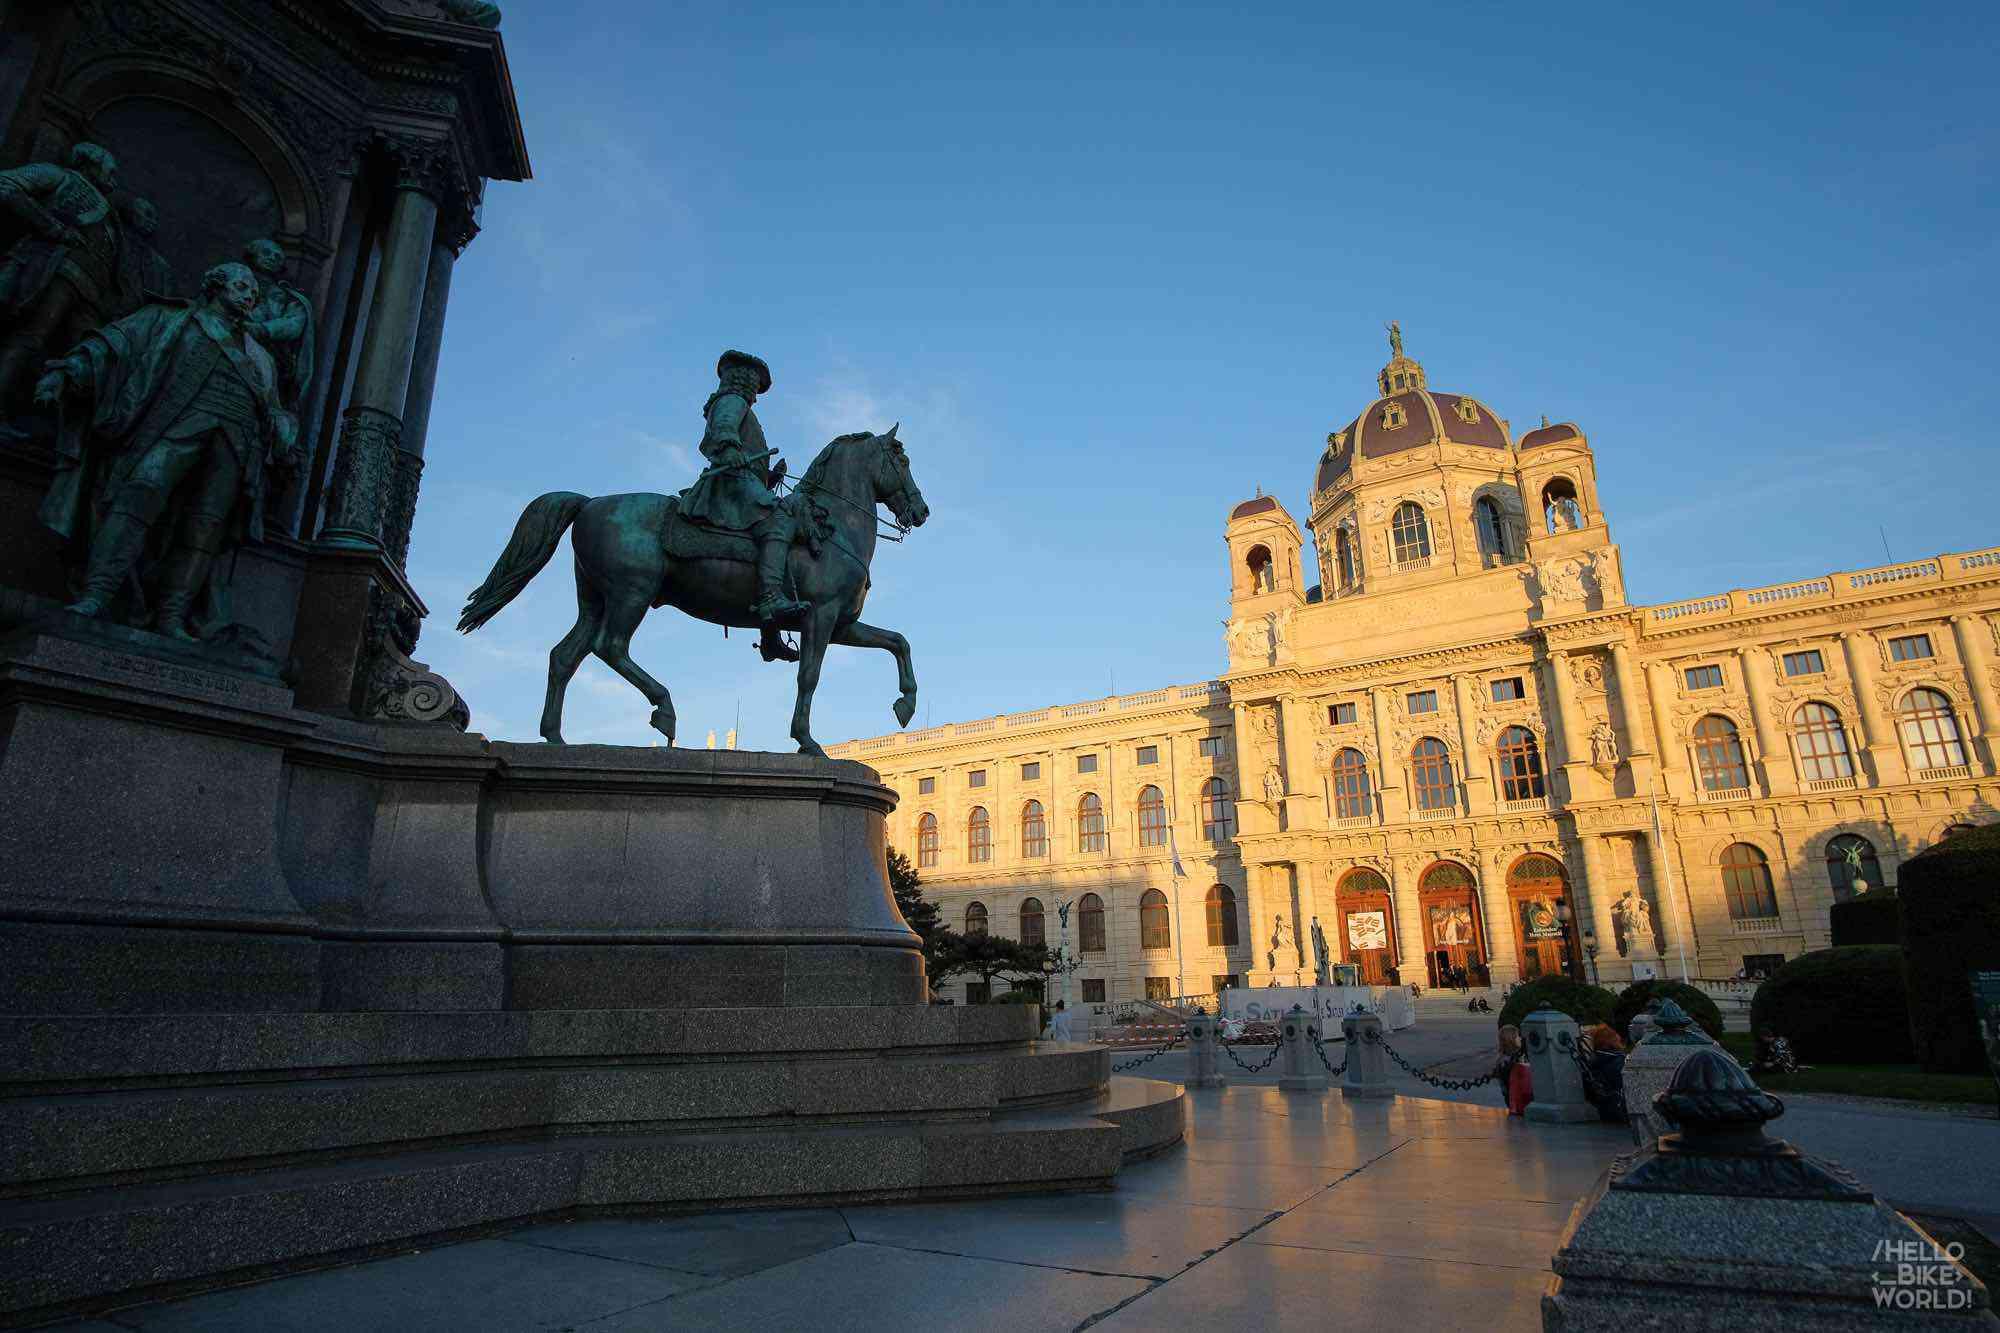 L'architecture viennoise